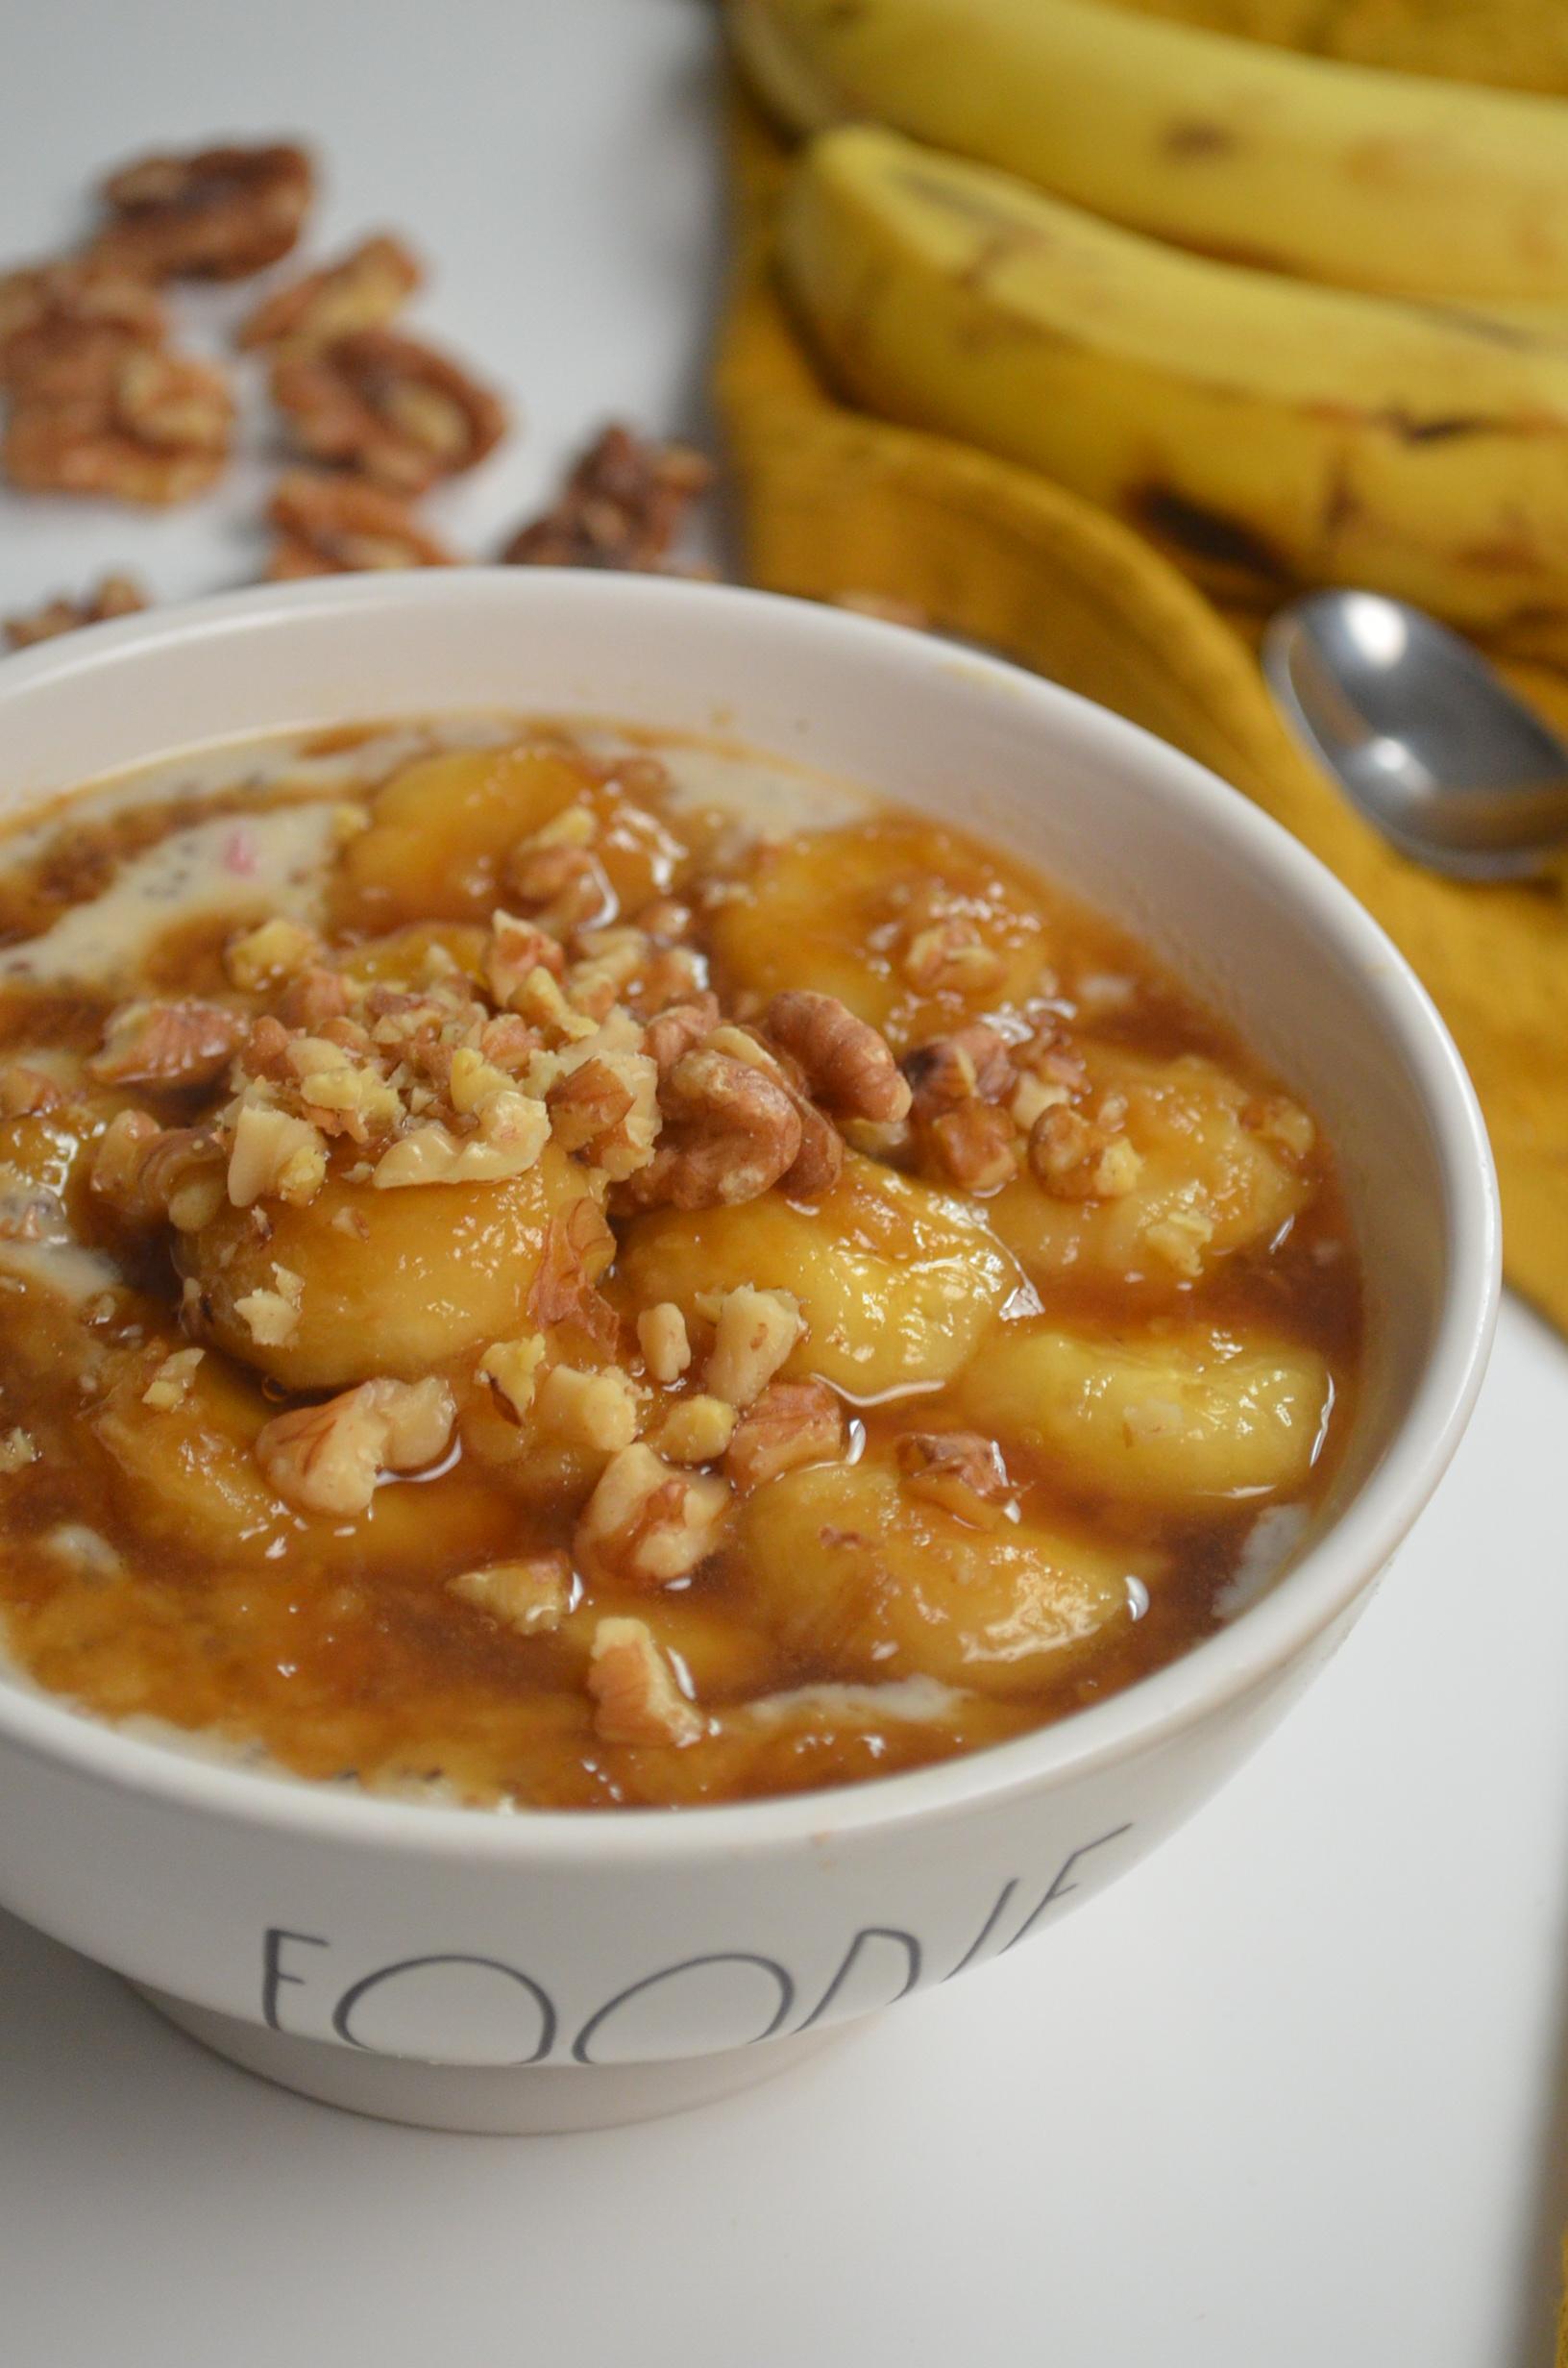 Single Serving Caramelized Banana Oatmeal